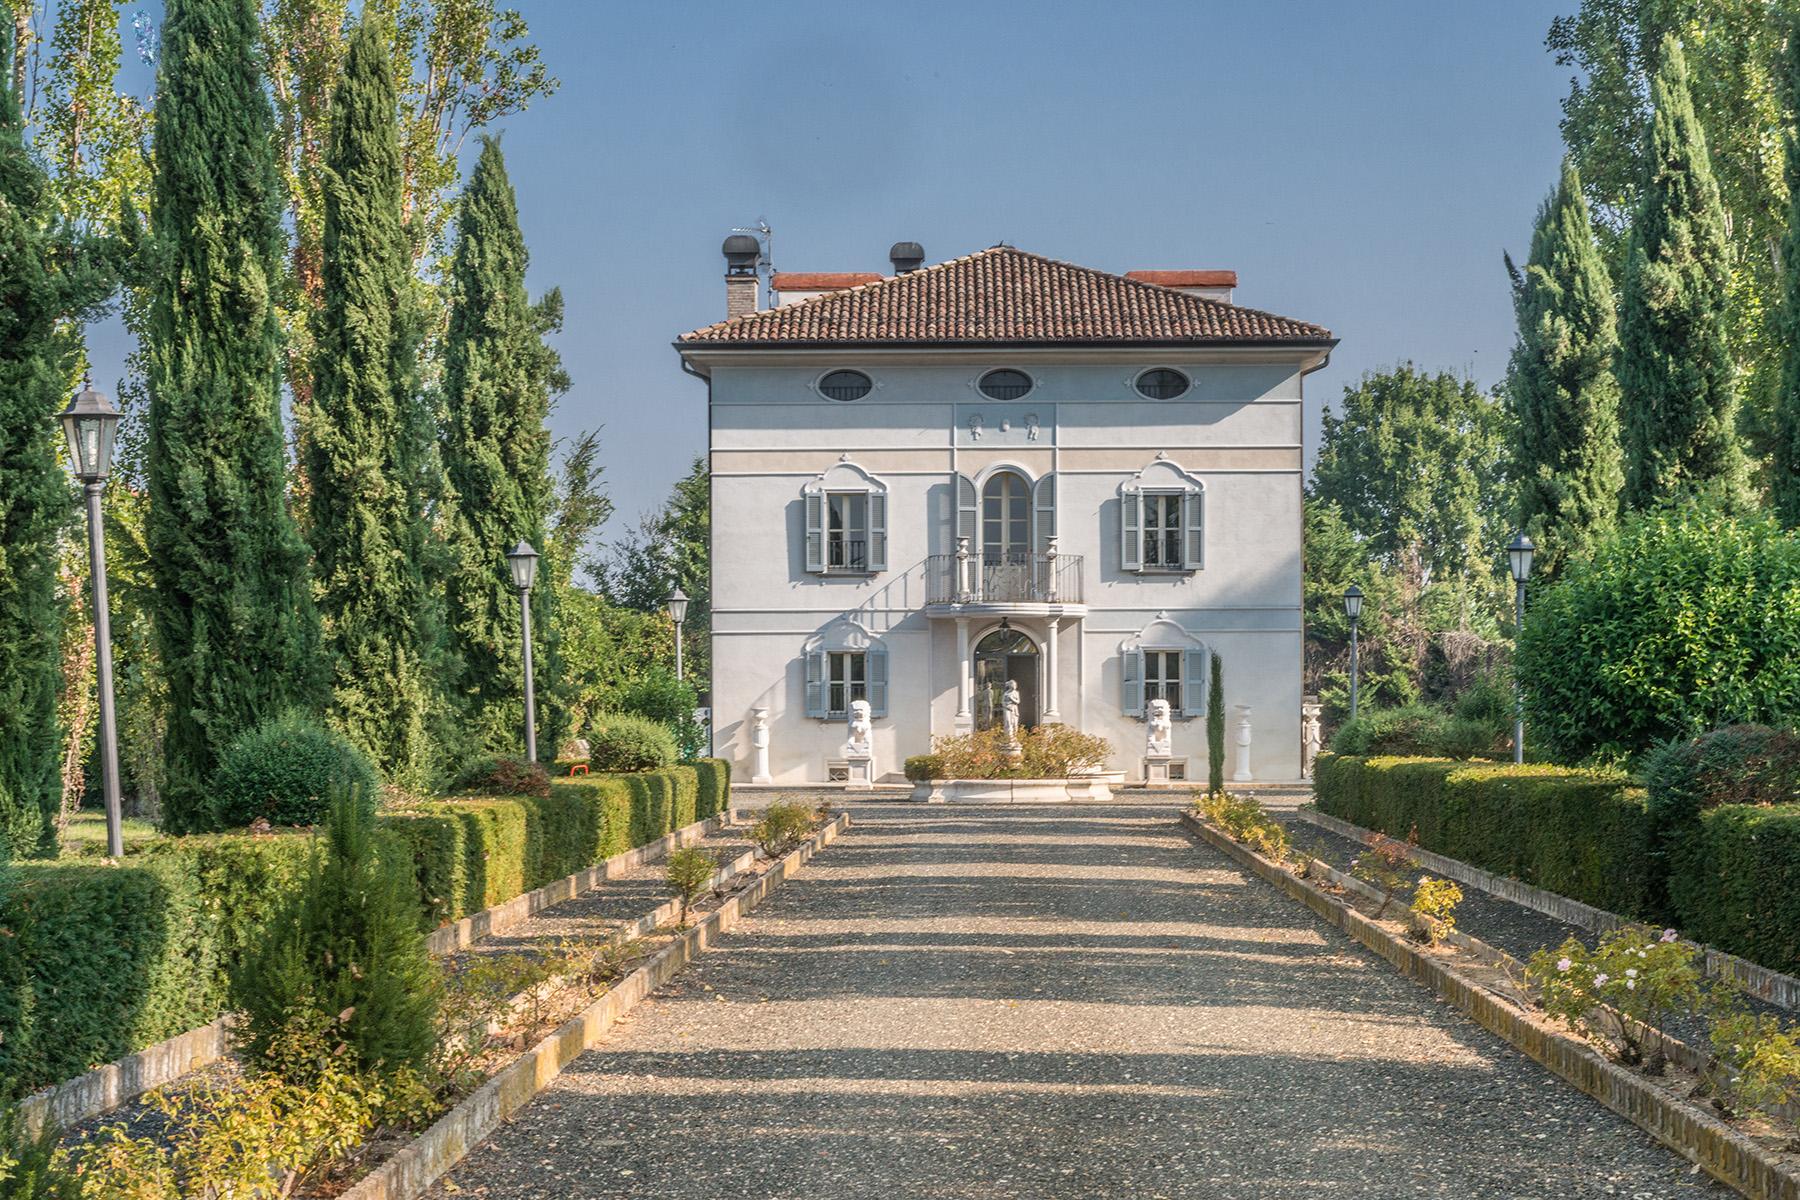 Villa in Vendita a Gattatico: 5 locali, 700 mq - Foto 4